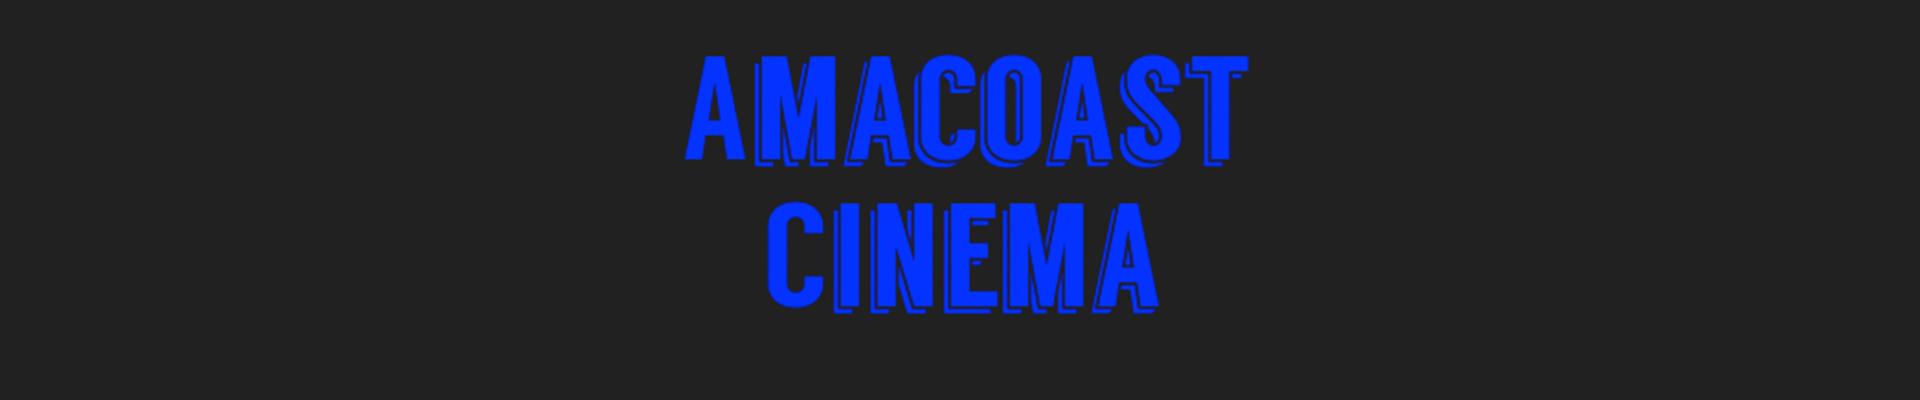 Amacoast Cinema